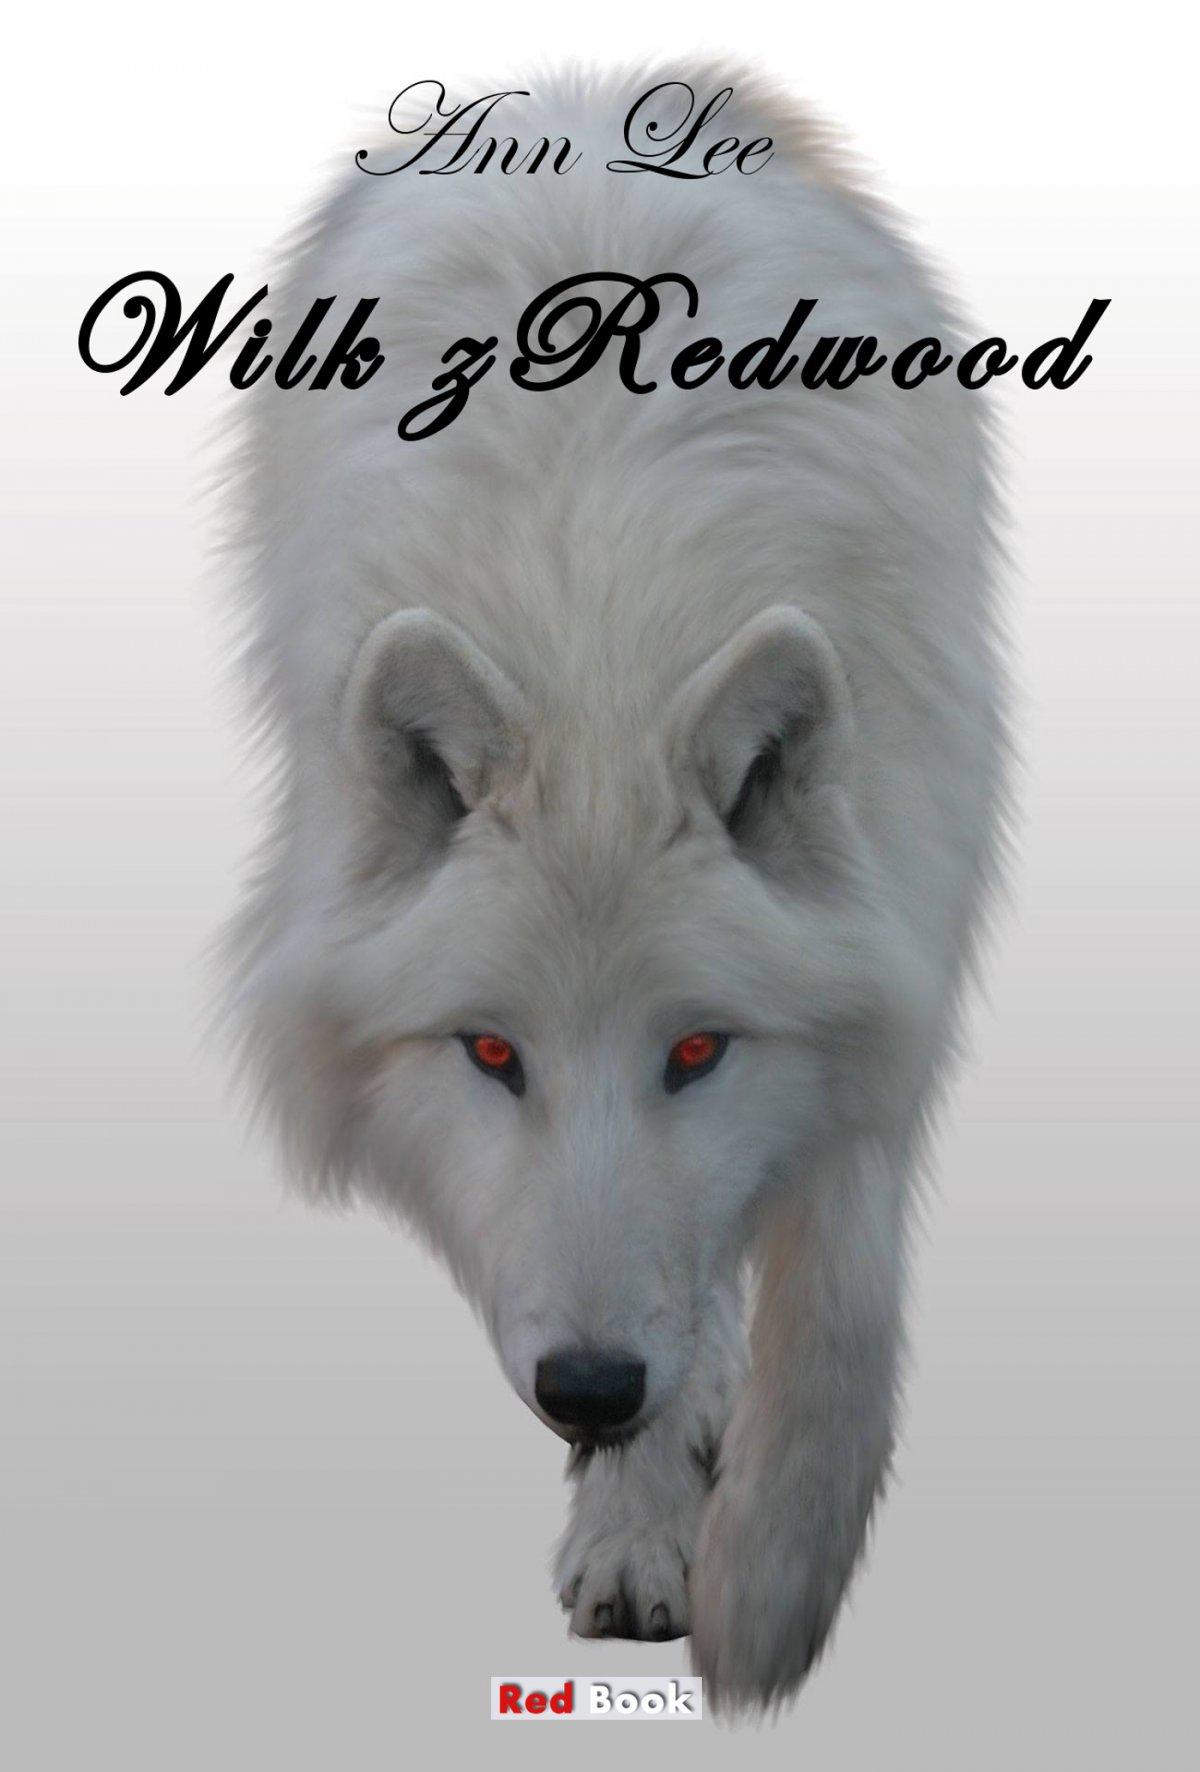 Wilk z Redwood - Ebook (Książka EPUB) do pobrania w formacie EPUB